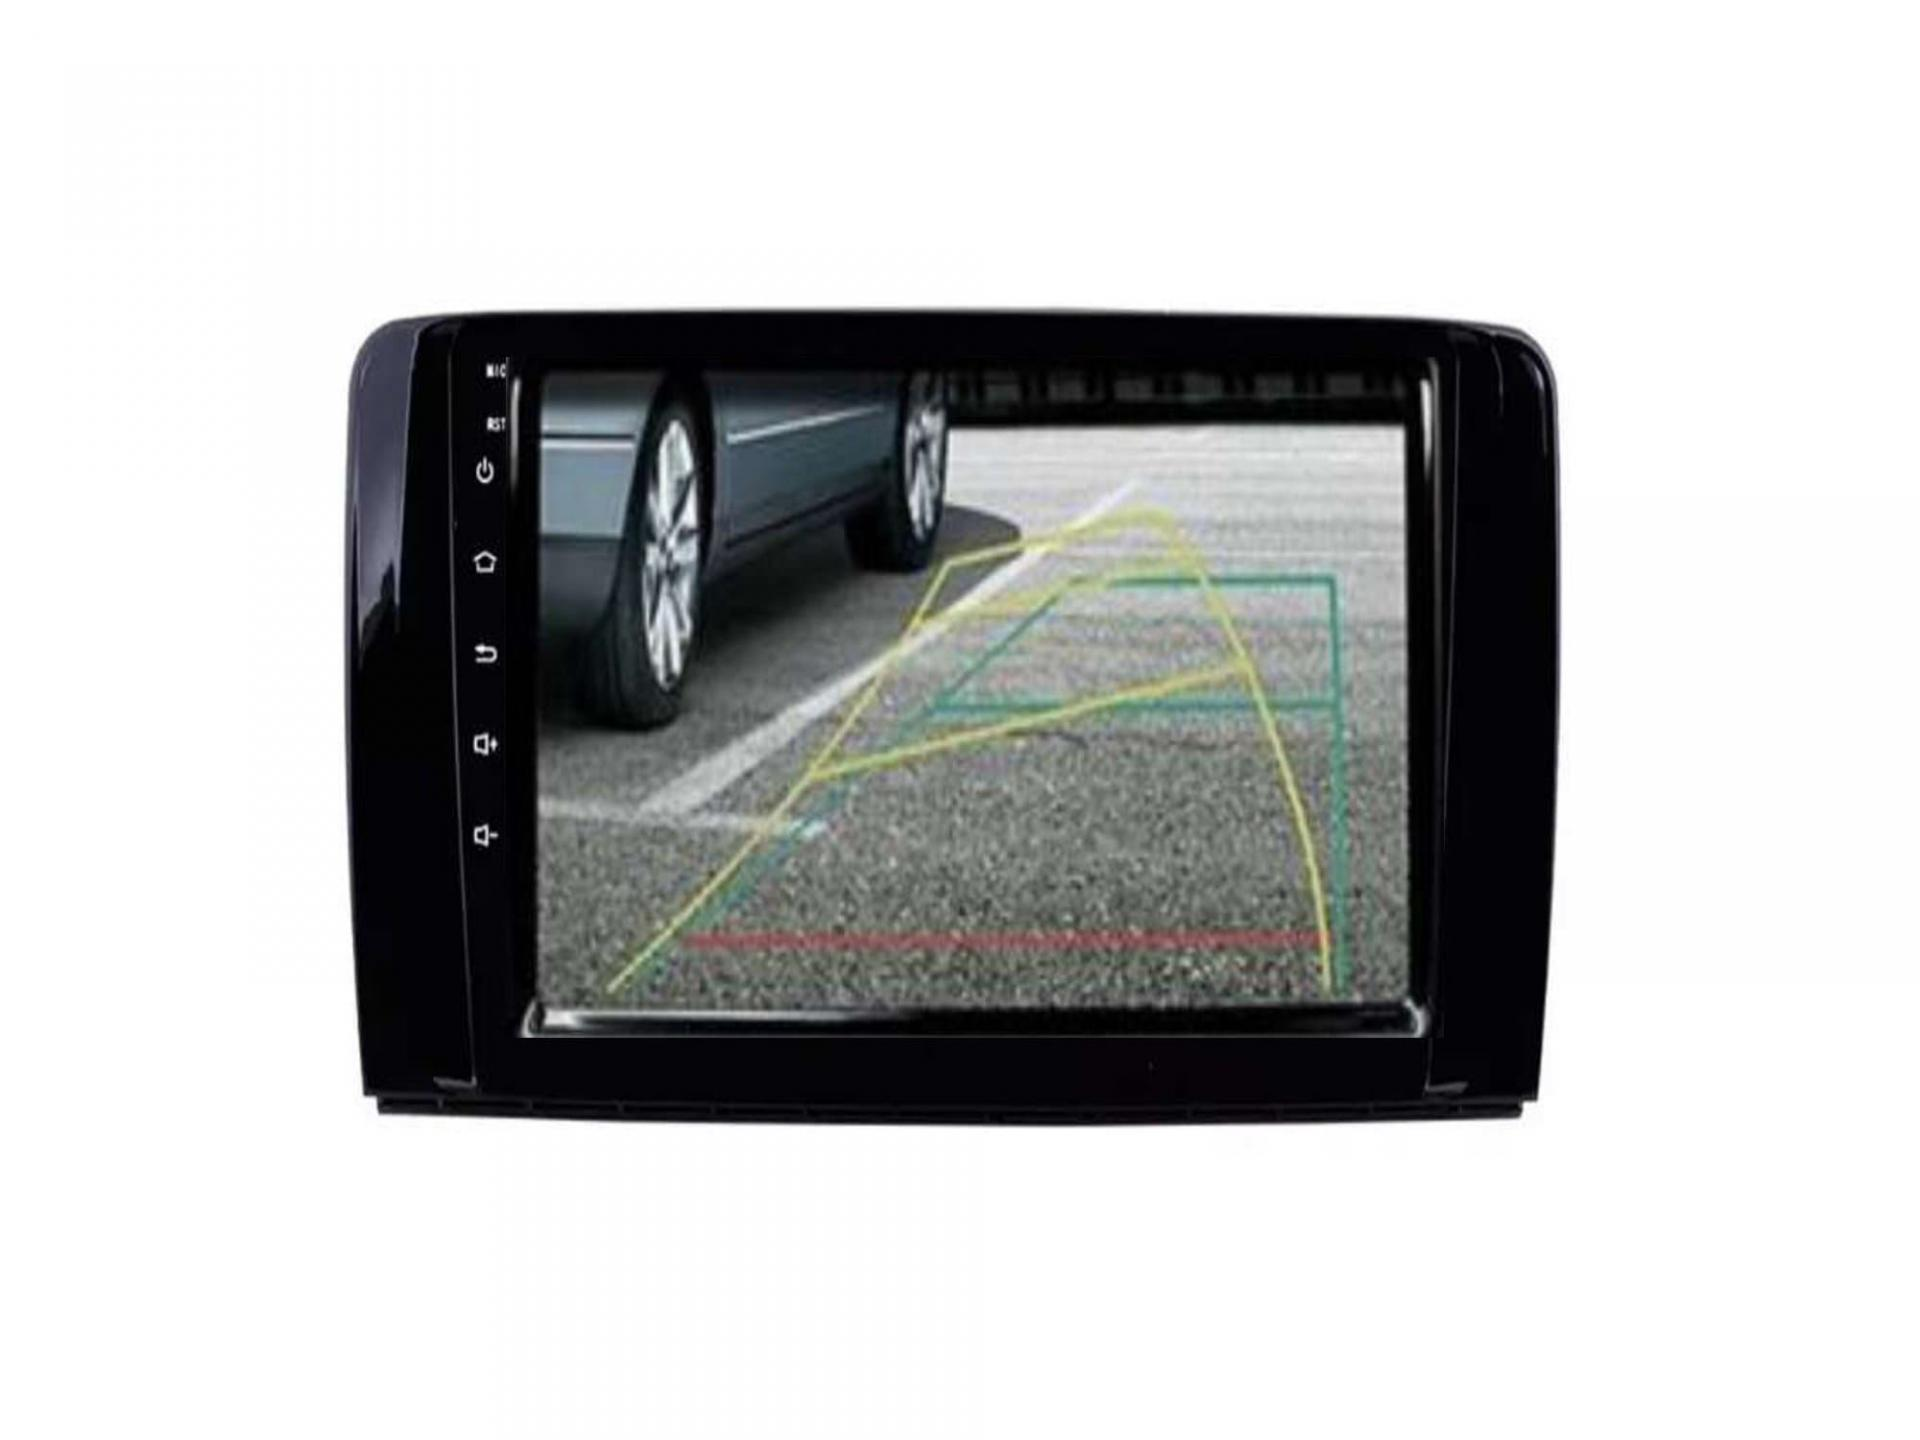 Autoradio gps carplay android auto bluetooth wifi mercedes classe r w251 r280 r300 r350 r63 4